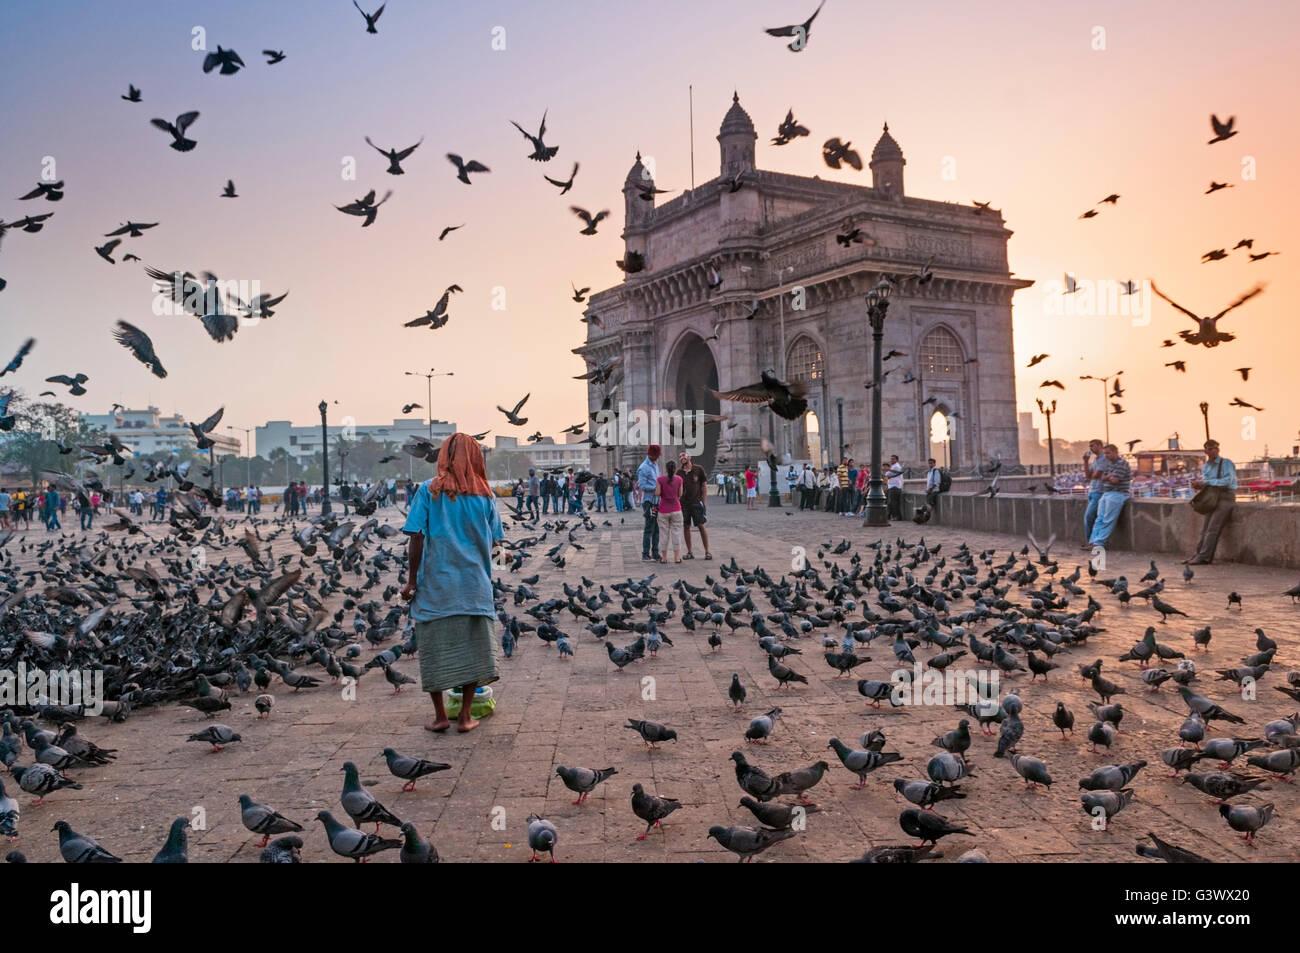 Gateway of India Mumbai Bombay India - Stock Image